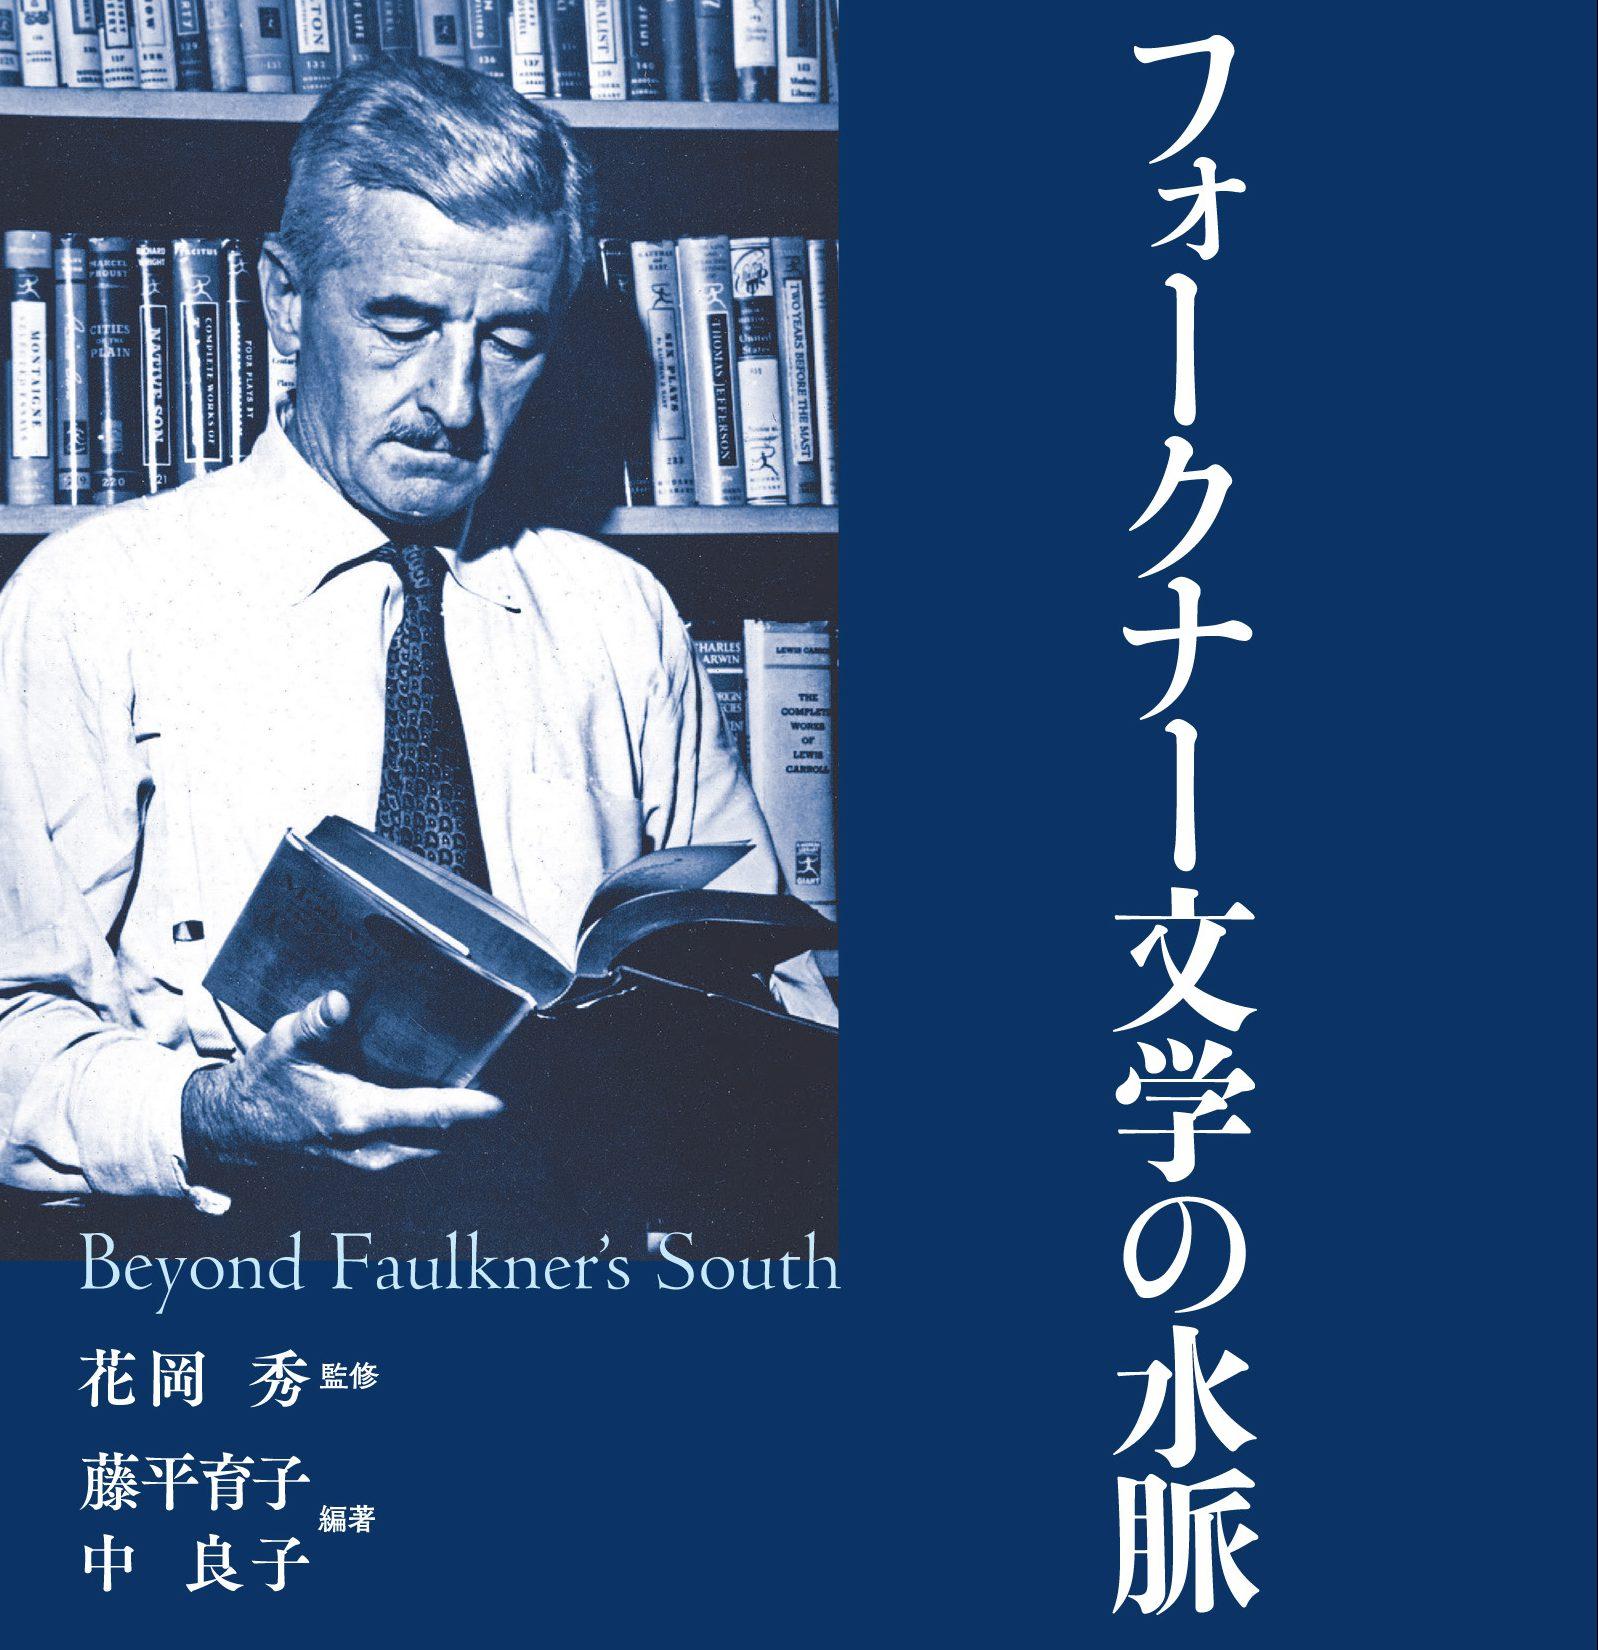 新刊紹介:花岡秀(監修)藤平育子・中良子(編著)『フォークナー文学の水脈』